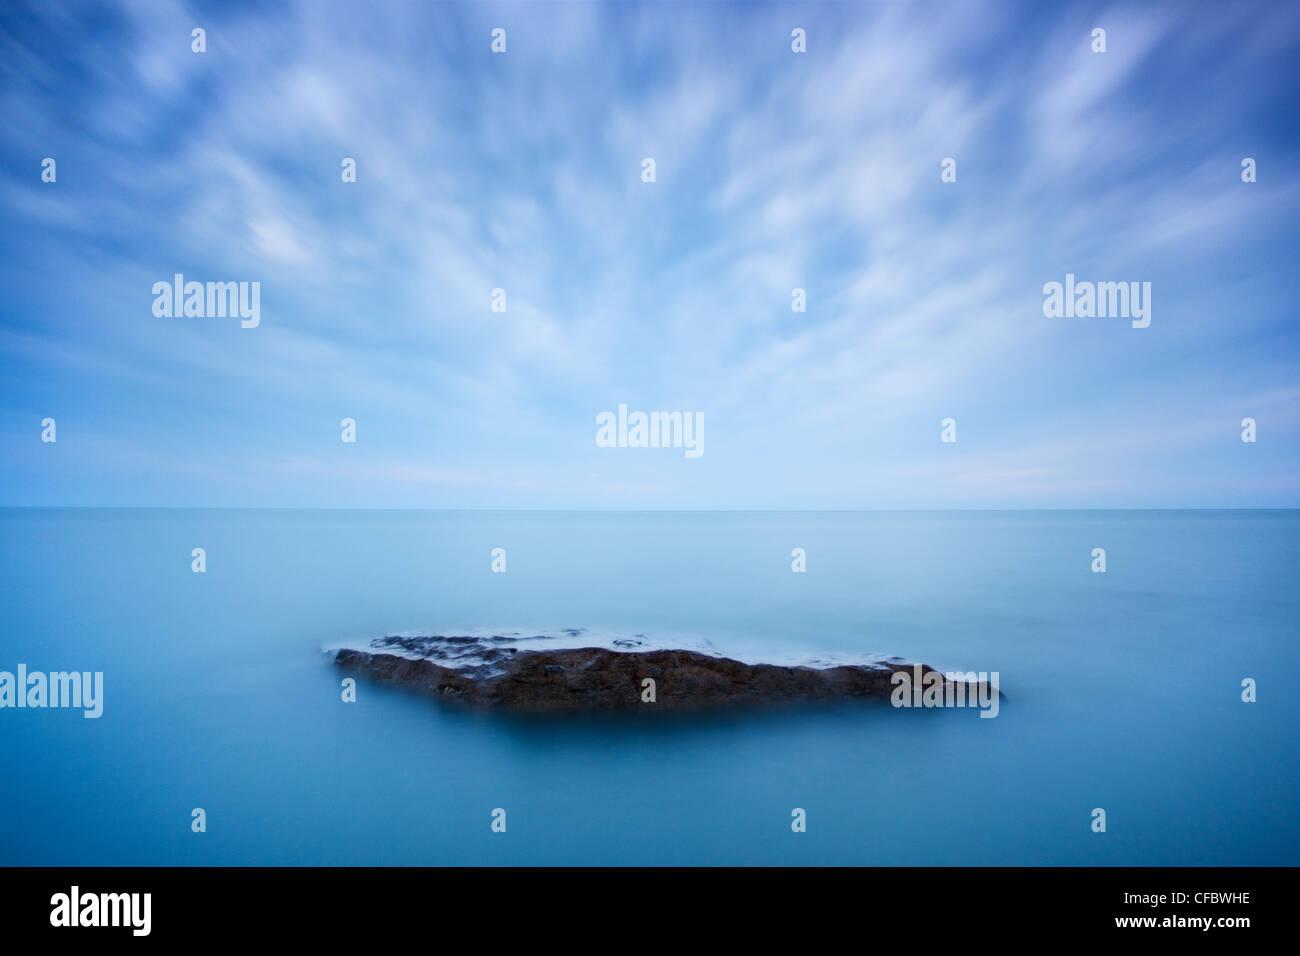 Las nubes se desplazan la sobrecarga en la orilla del Lago Hurón, cerca de Grand Bend, Ontario, Canadá Imagen De Stock